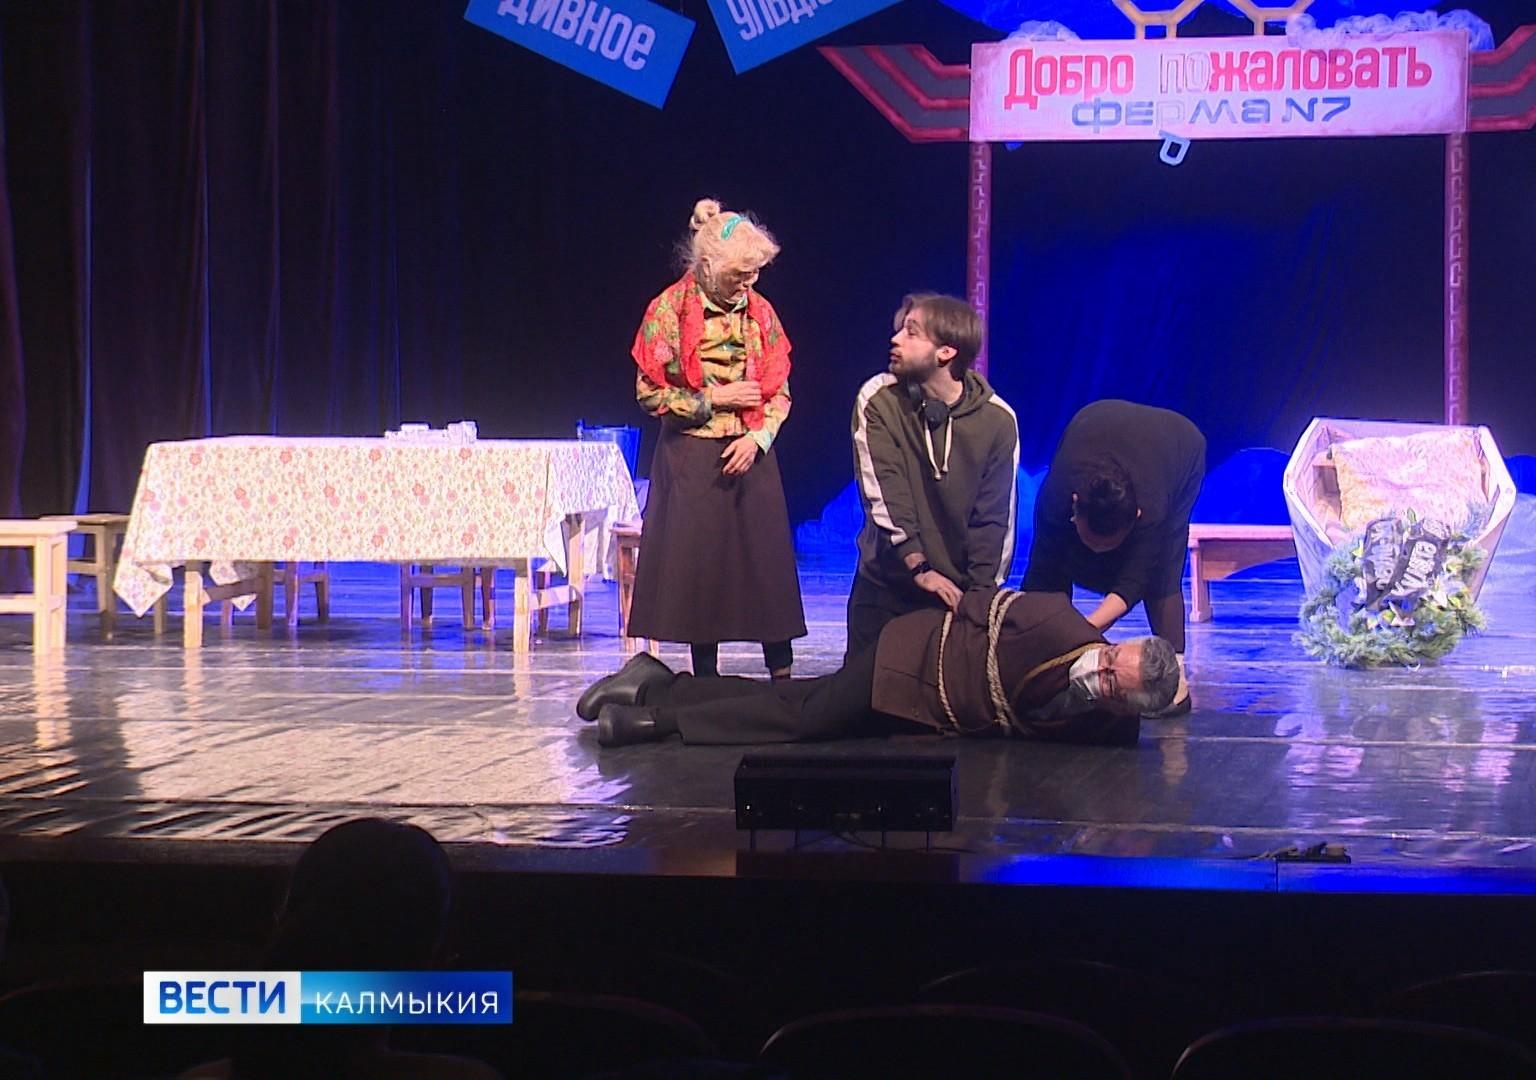 «Тиим юн болдви?». Полюбившийся зрителям спектакль снова на сцене Национального театра Калмыкии